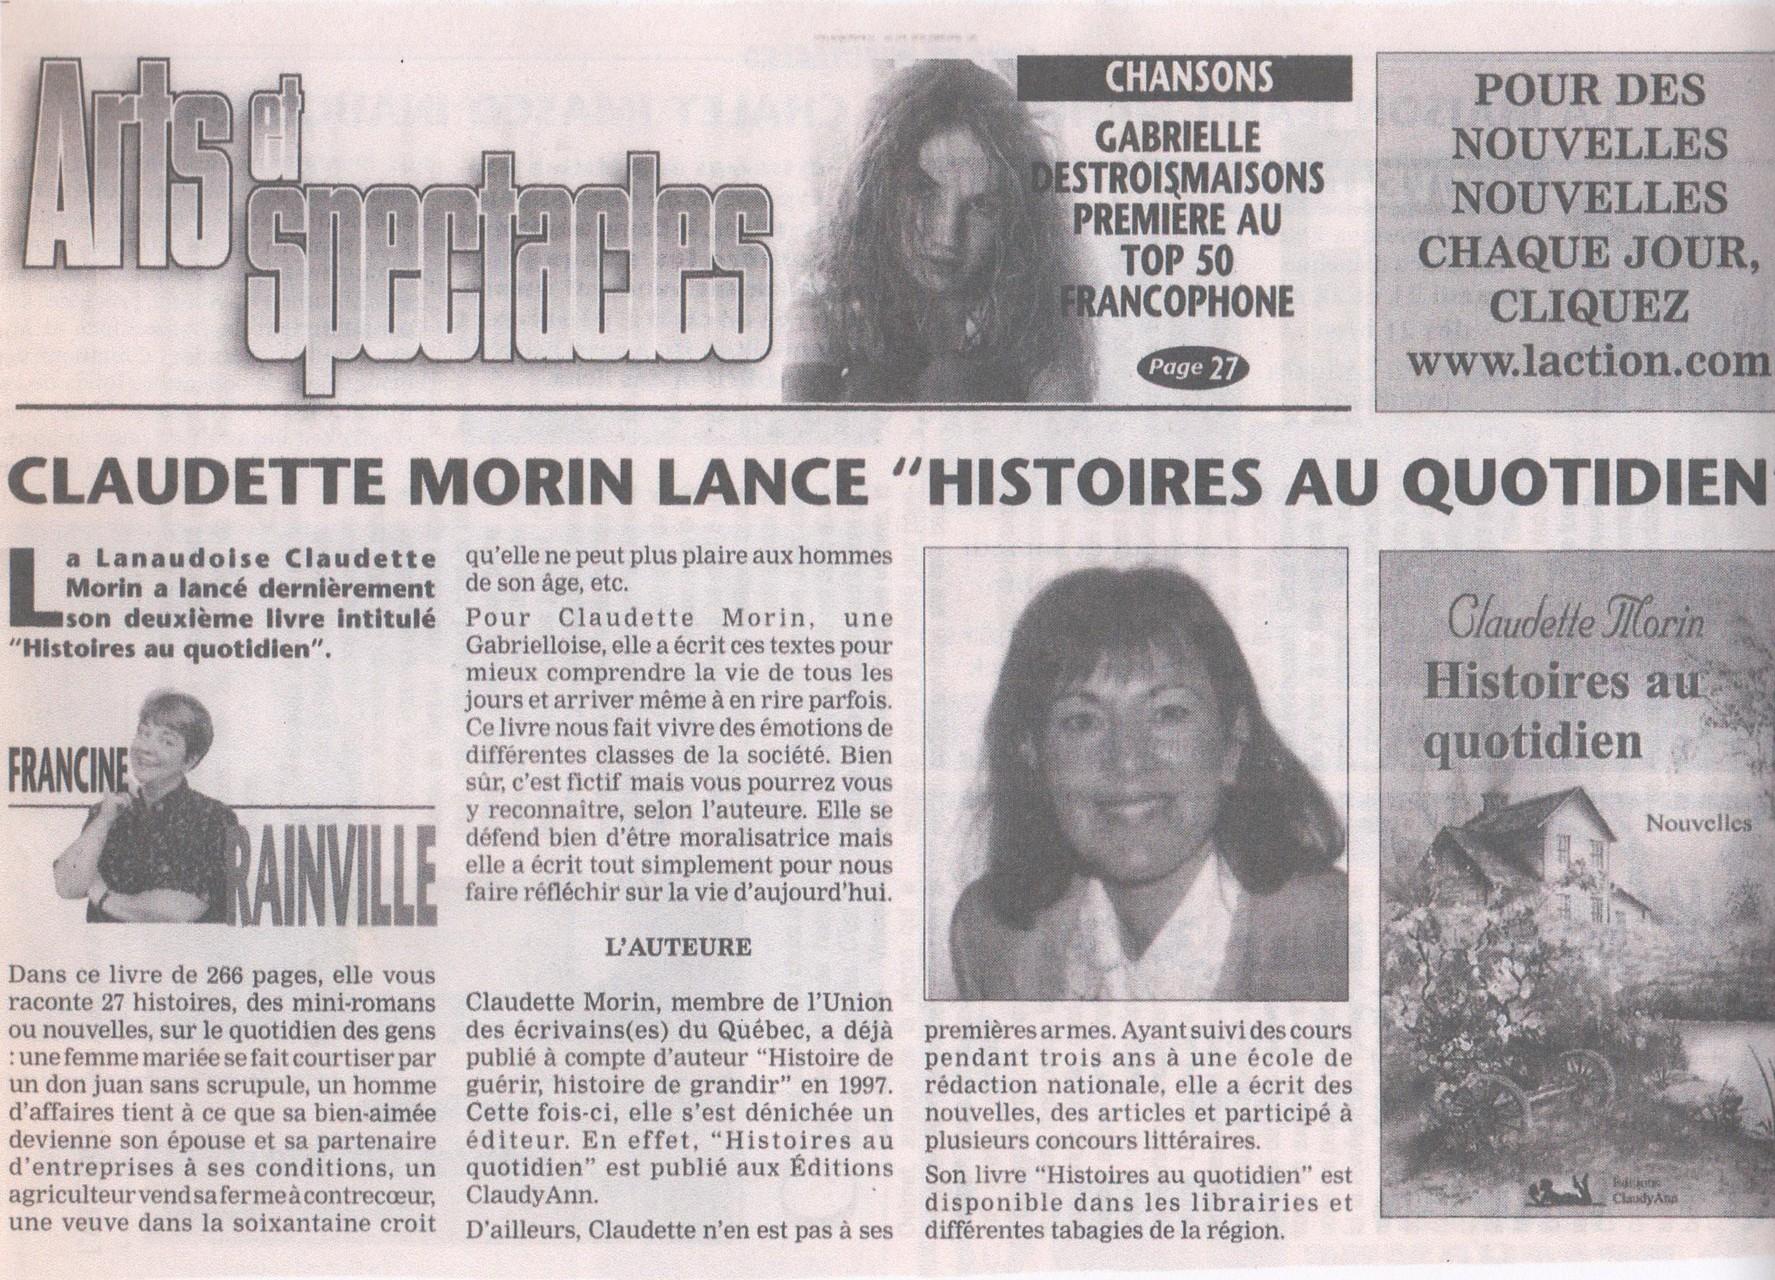 Article Francine Rainville, Journal L'Action VS Histoires au quotidien